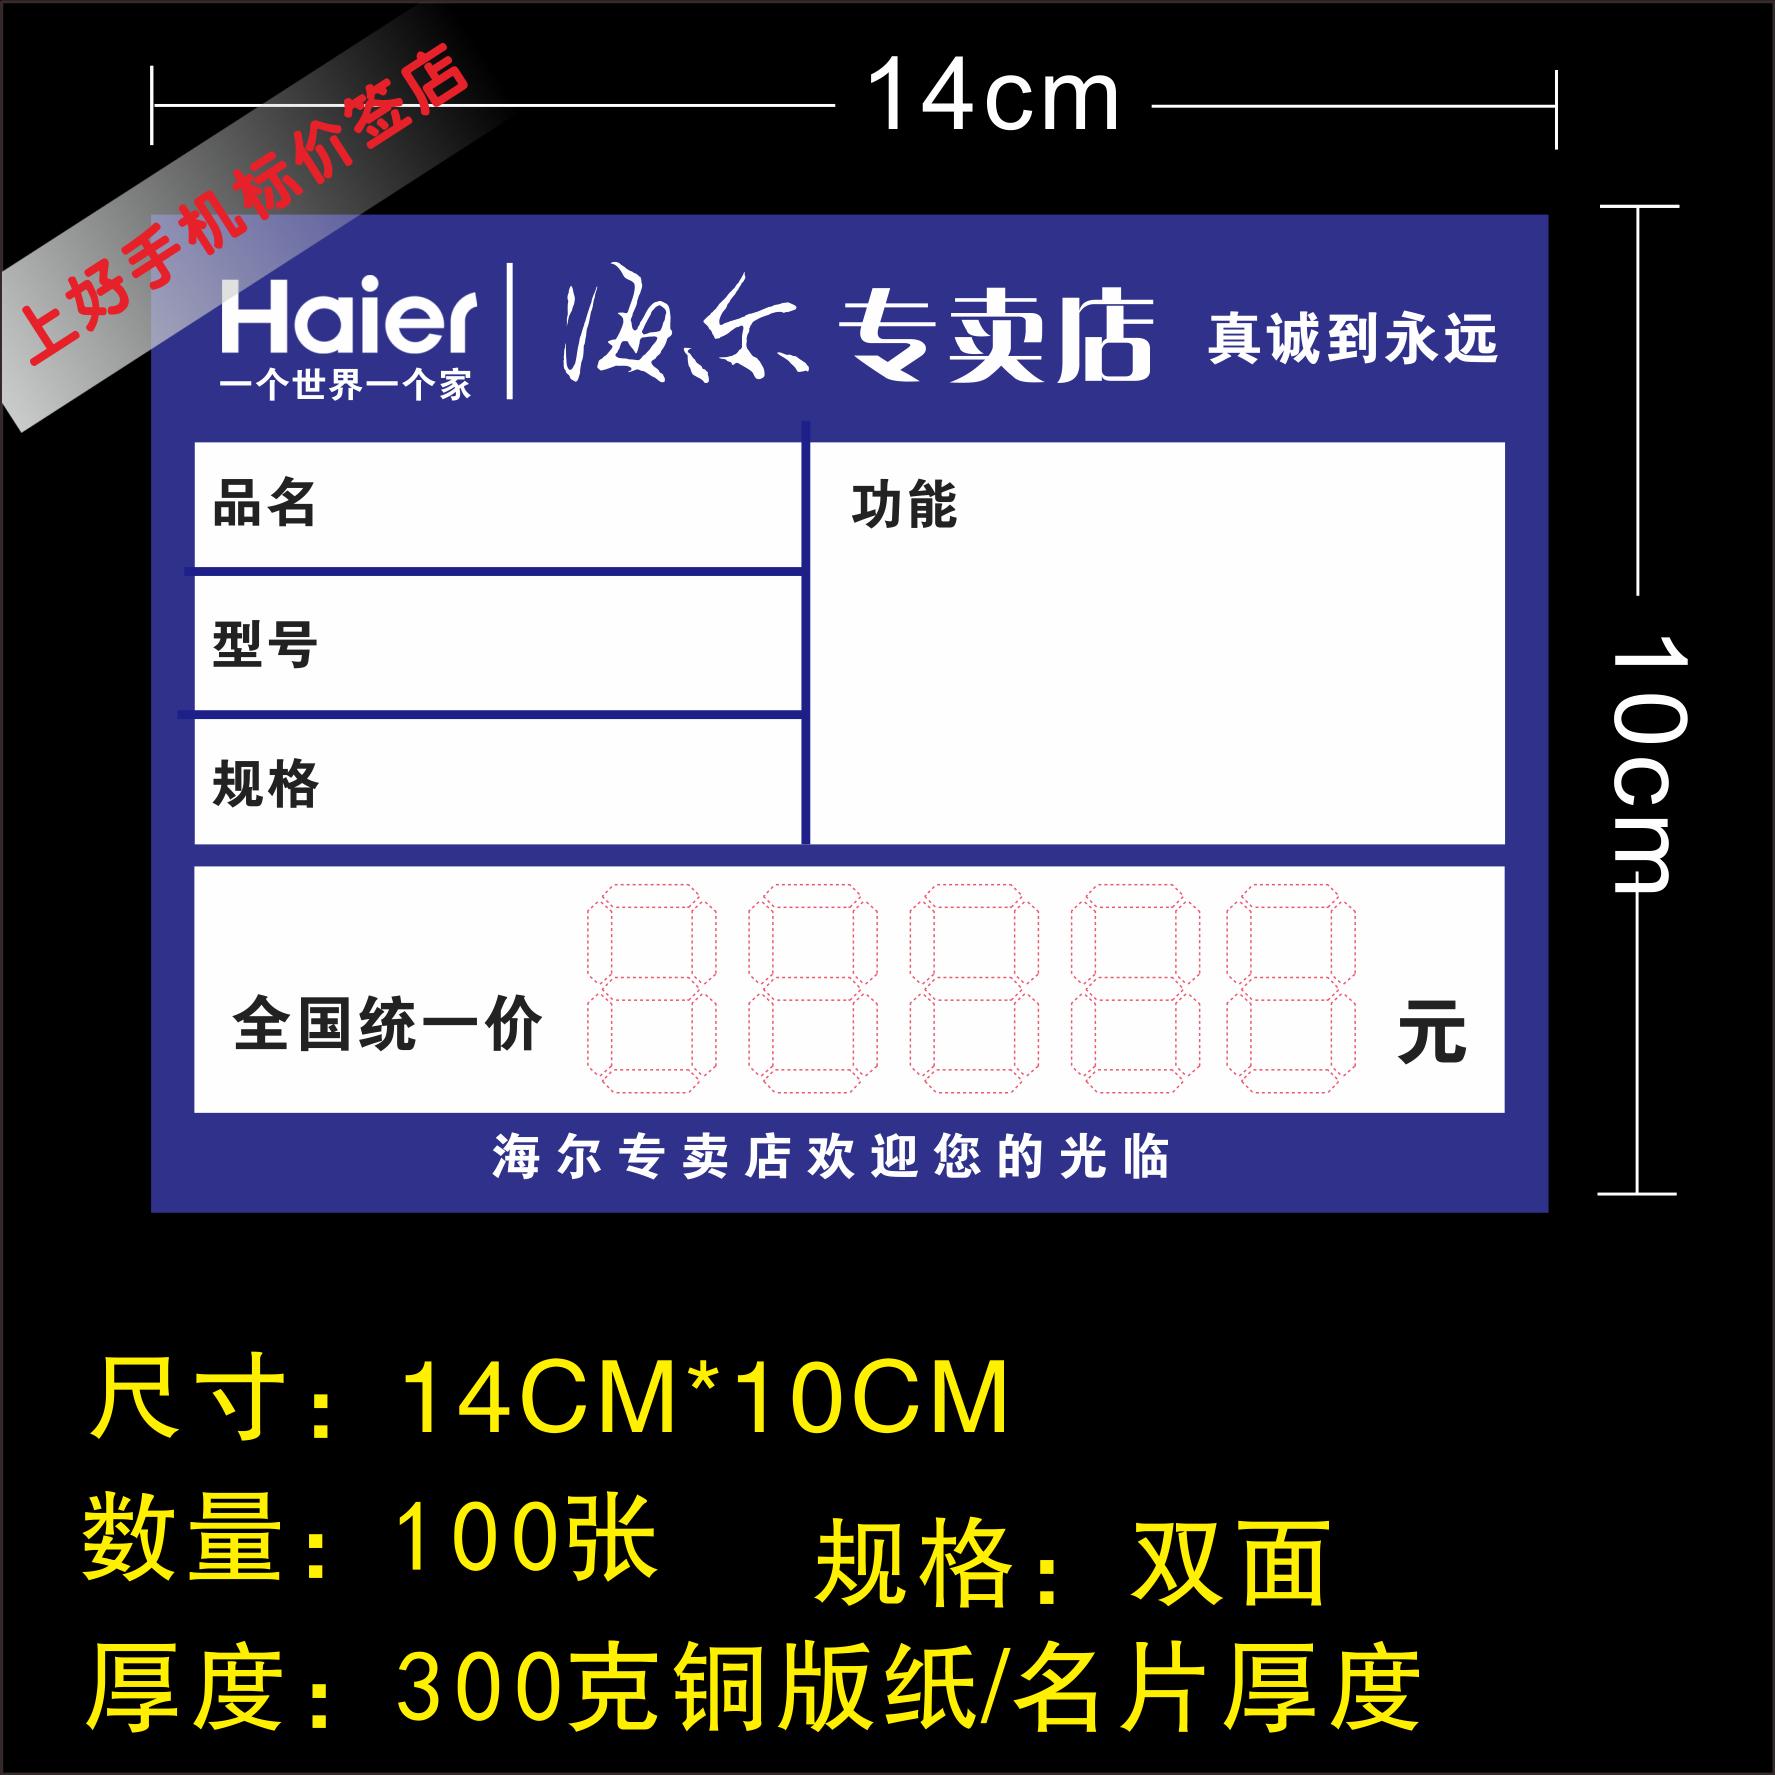 海尔家电14x10cm大号100商品标签